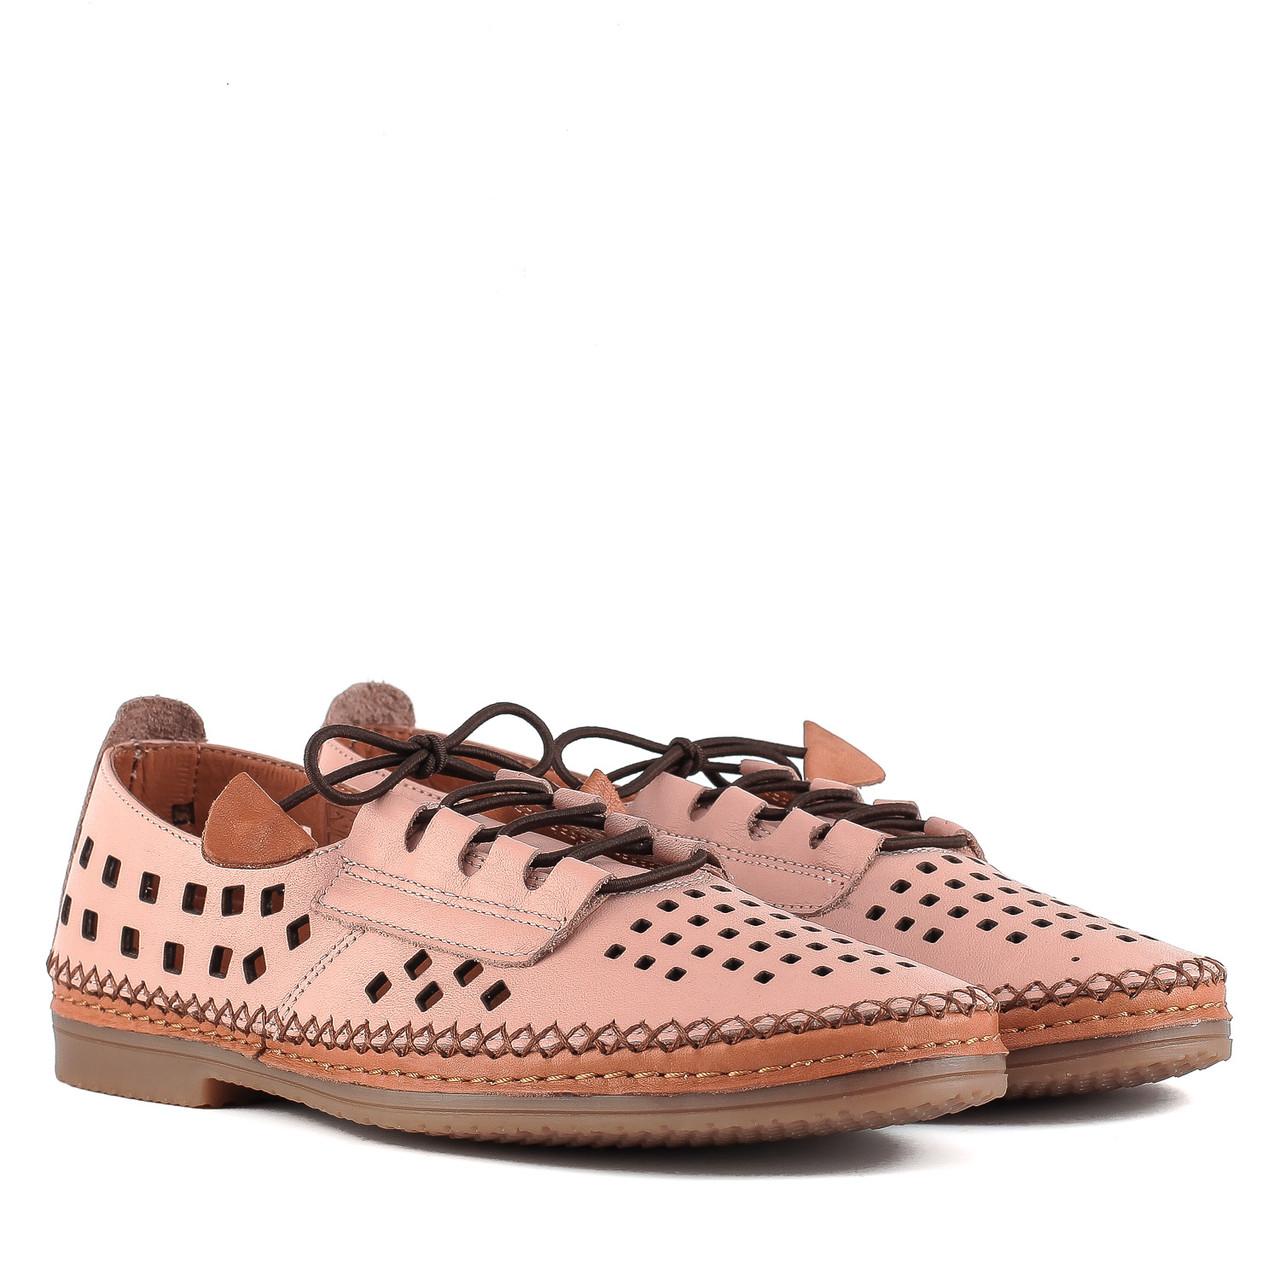 Туфли женские PHANY (розовые, на шнурках, кожаные, с перфорацией)